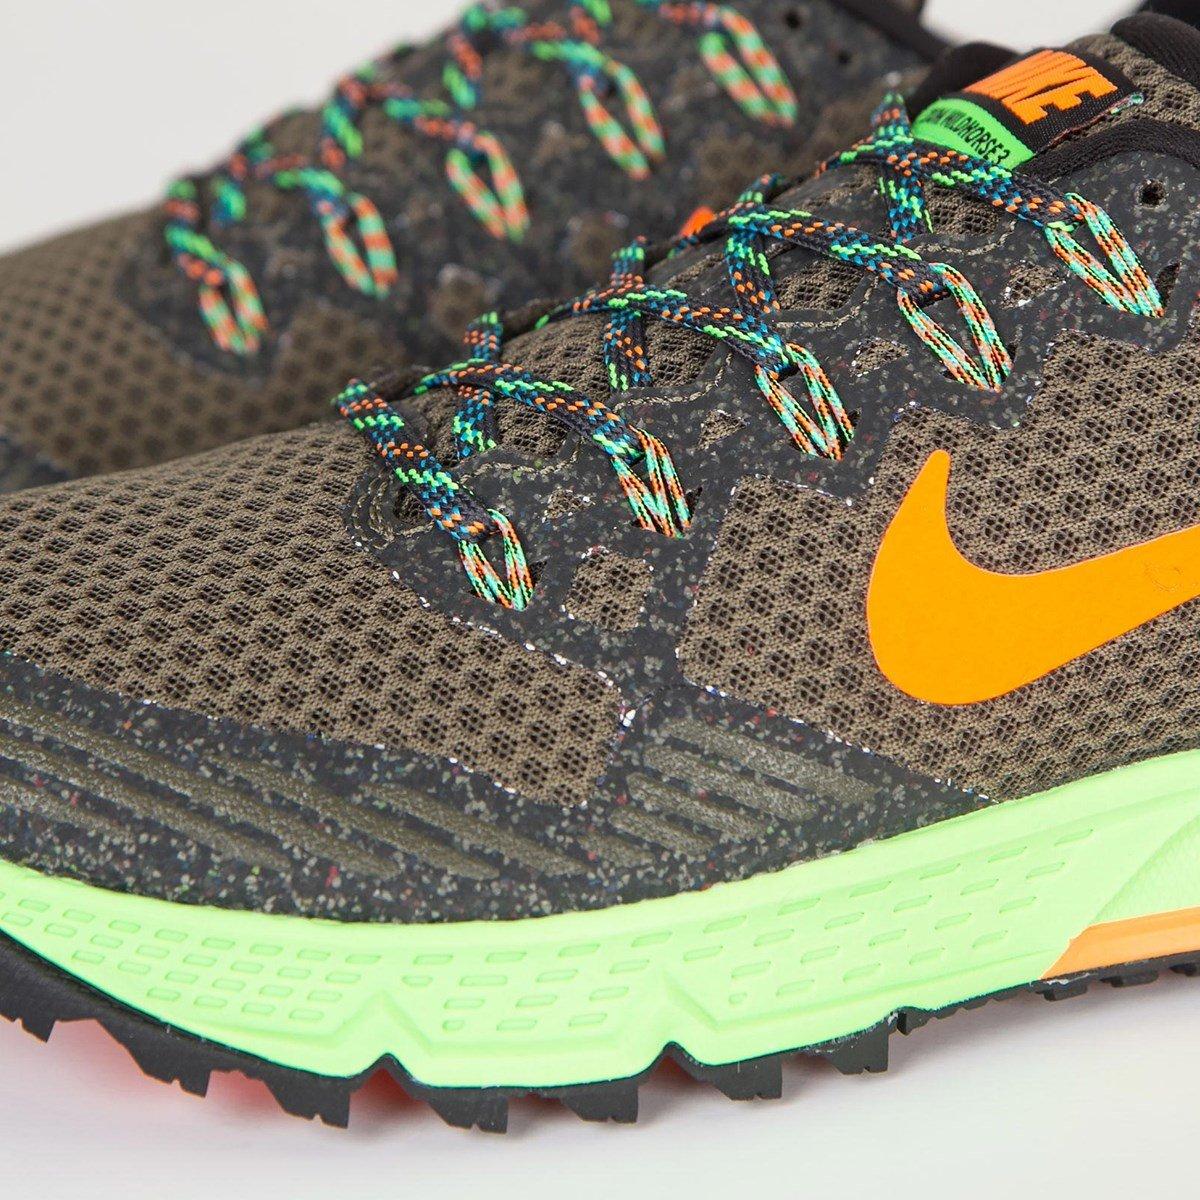 b8b3820822f Nike Air Zoom Wildhorse 3 - 749336-300 - Sneakersnstuff